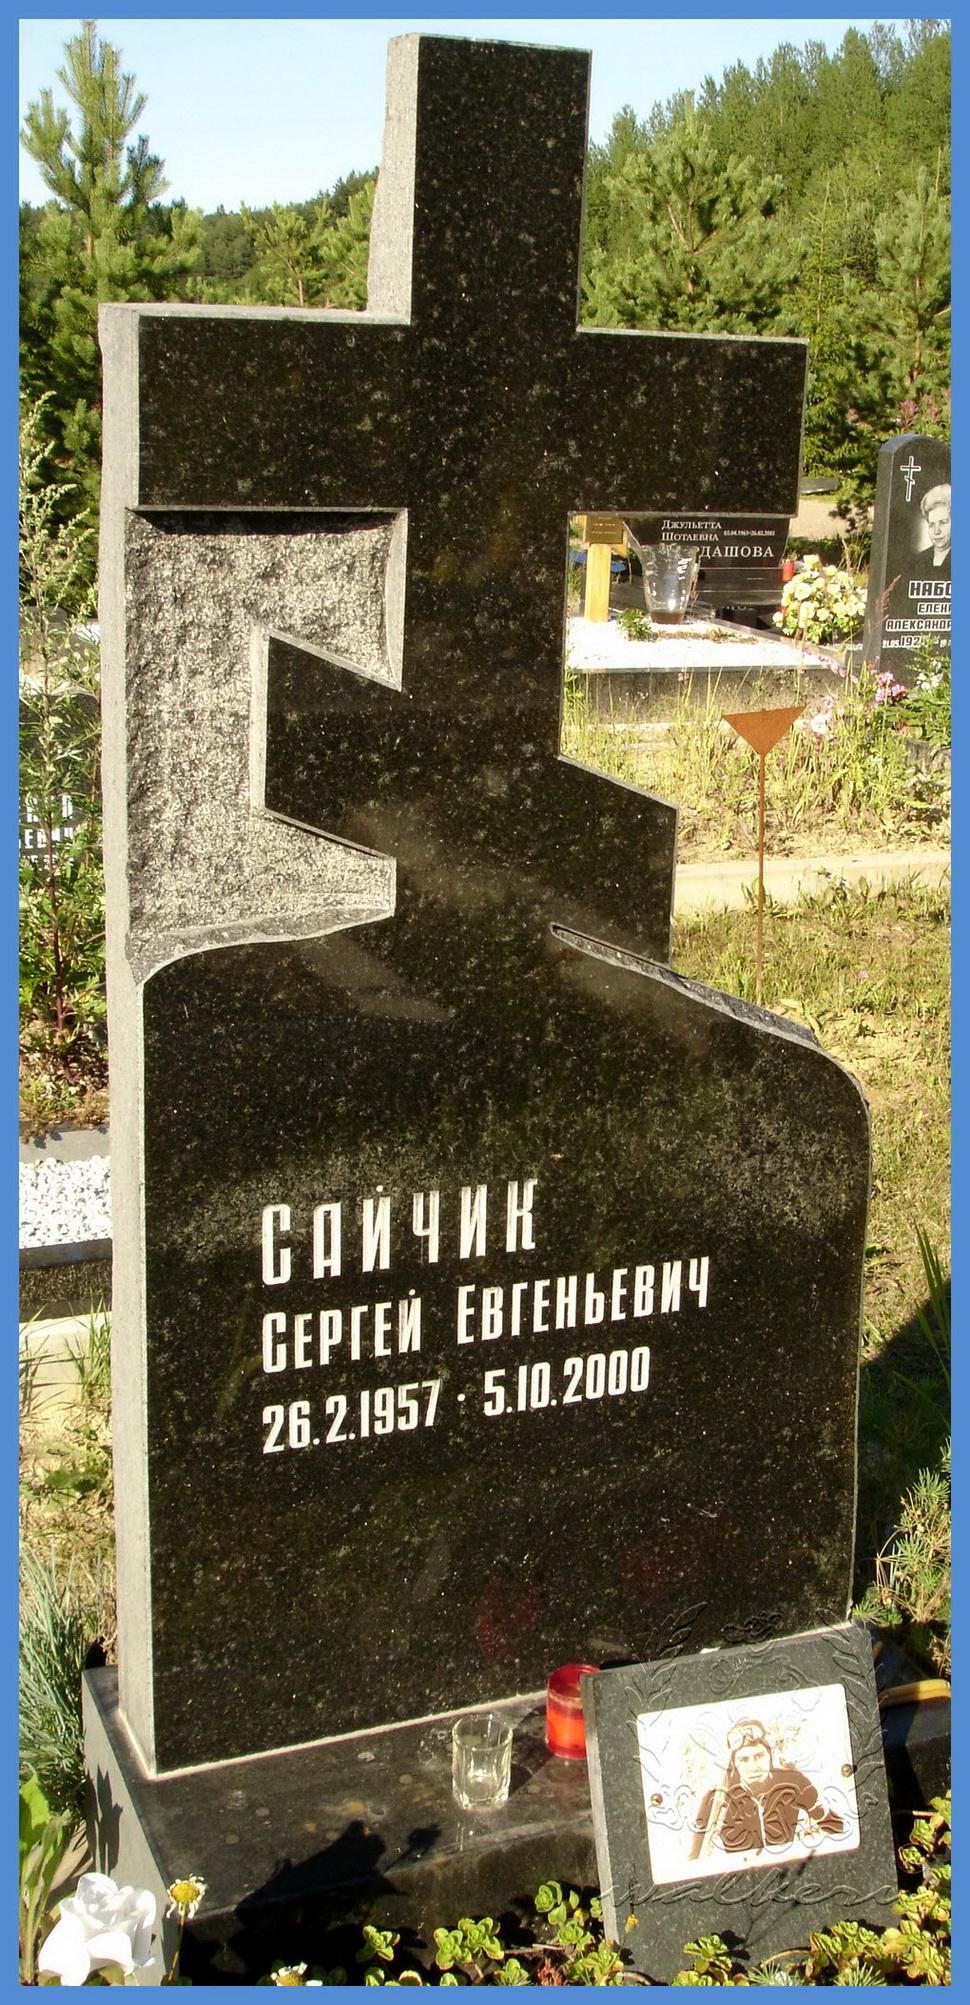 Сайчик Сергей Евгеньевич